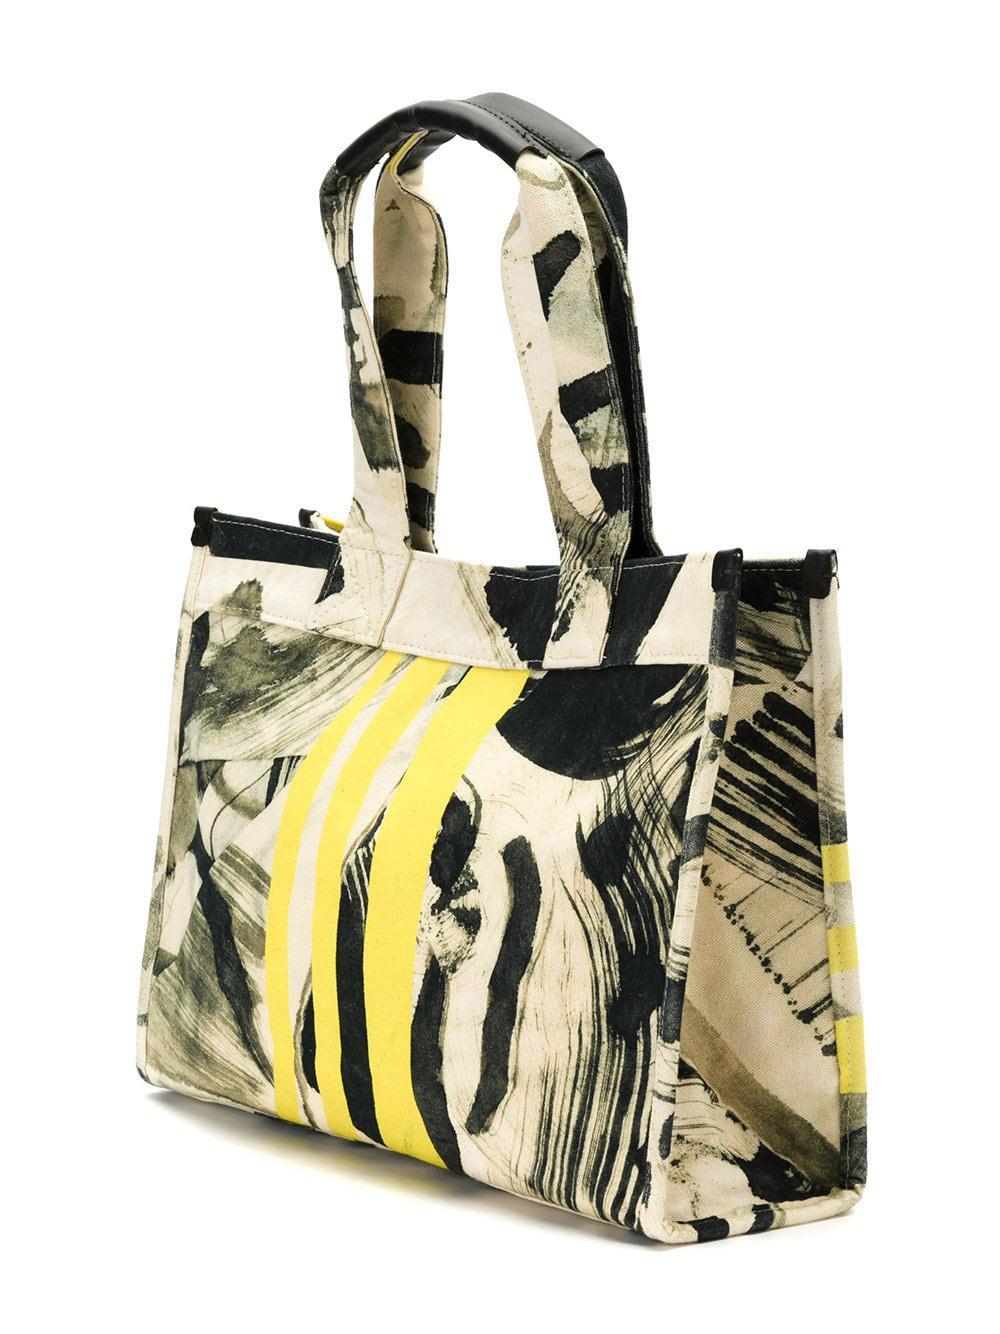 Mara Mac Abstract Print Tote Bag